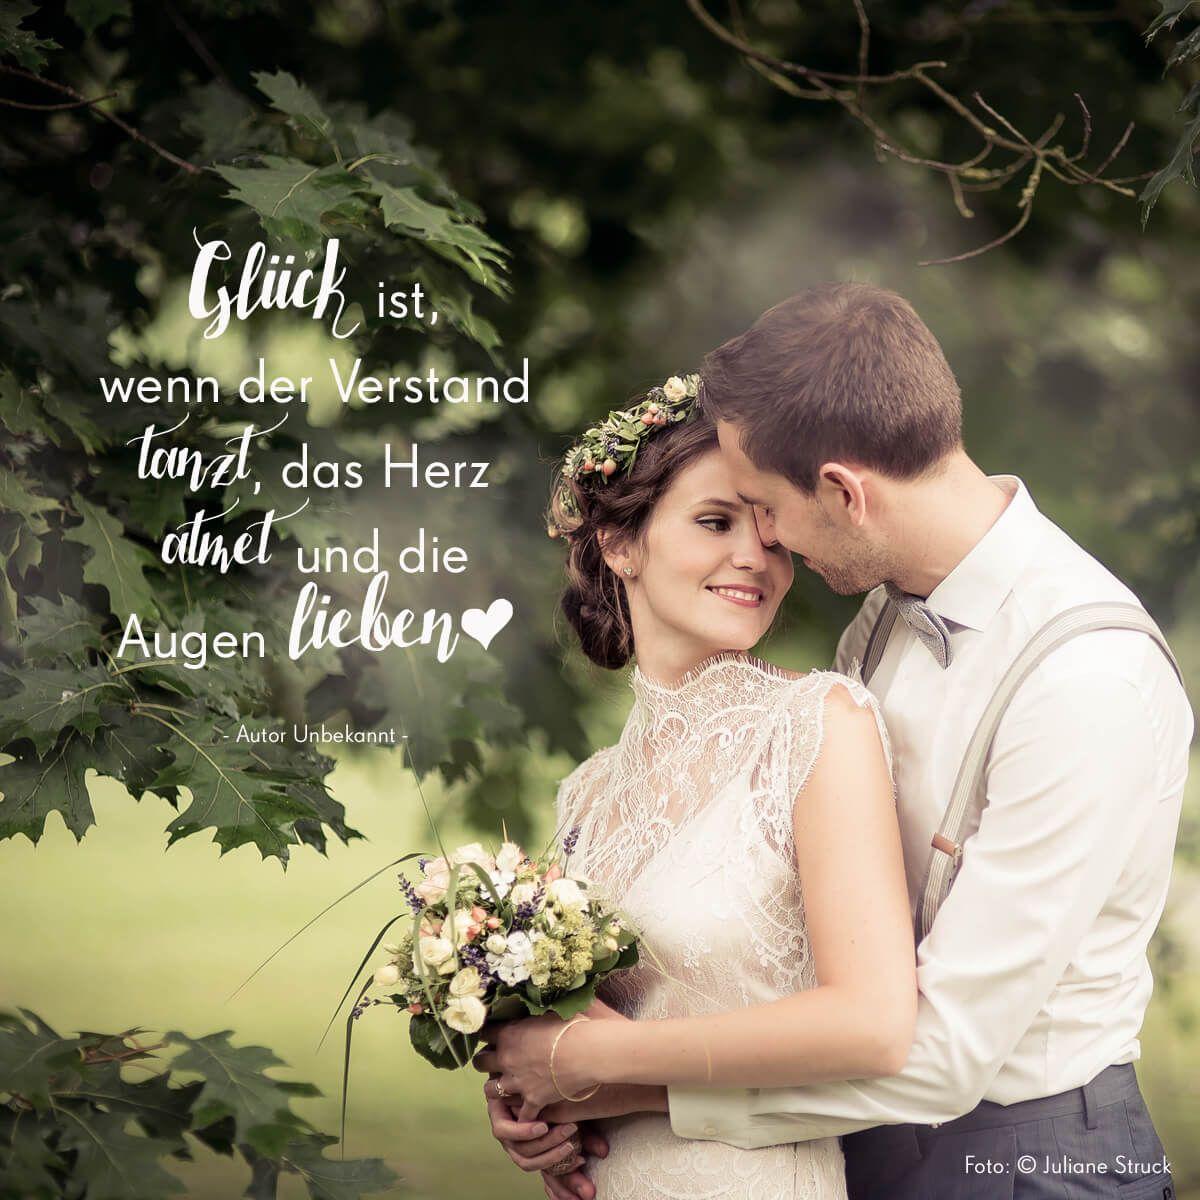 Hochzeitssprüche - Zitate und Sprüche zur Hochzeit